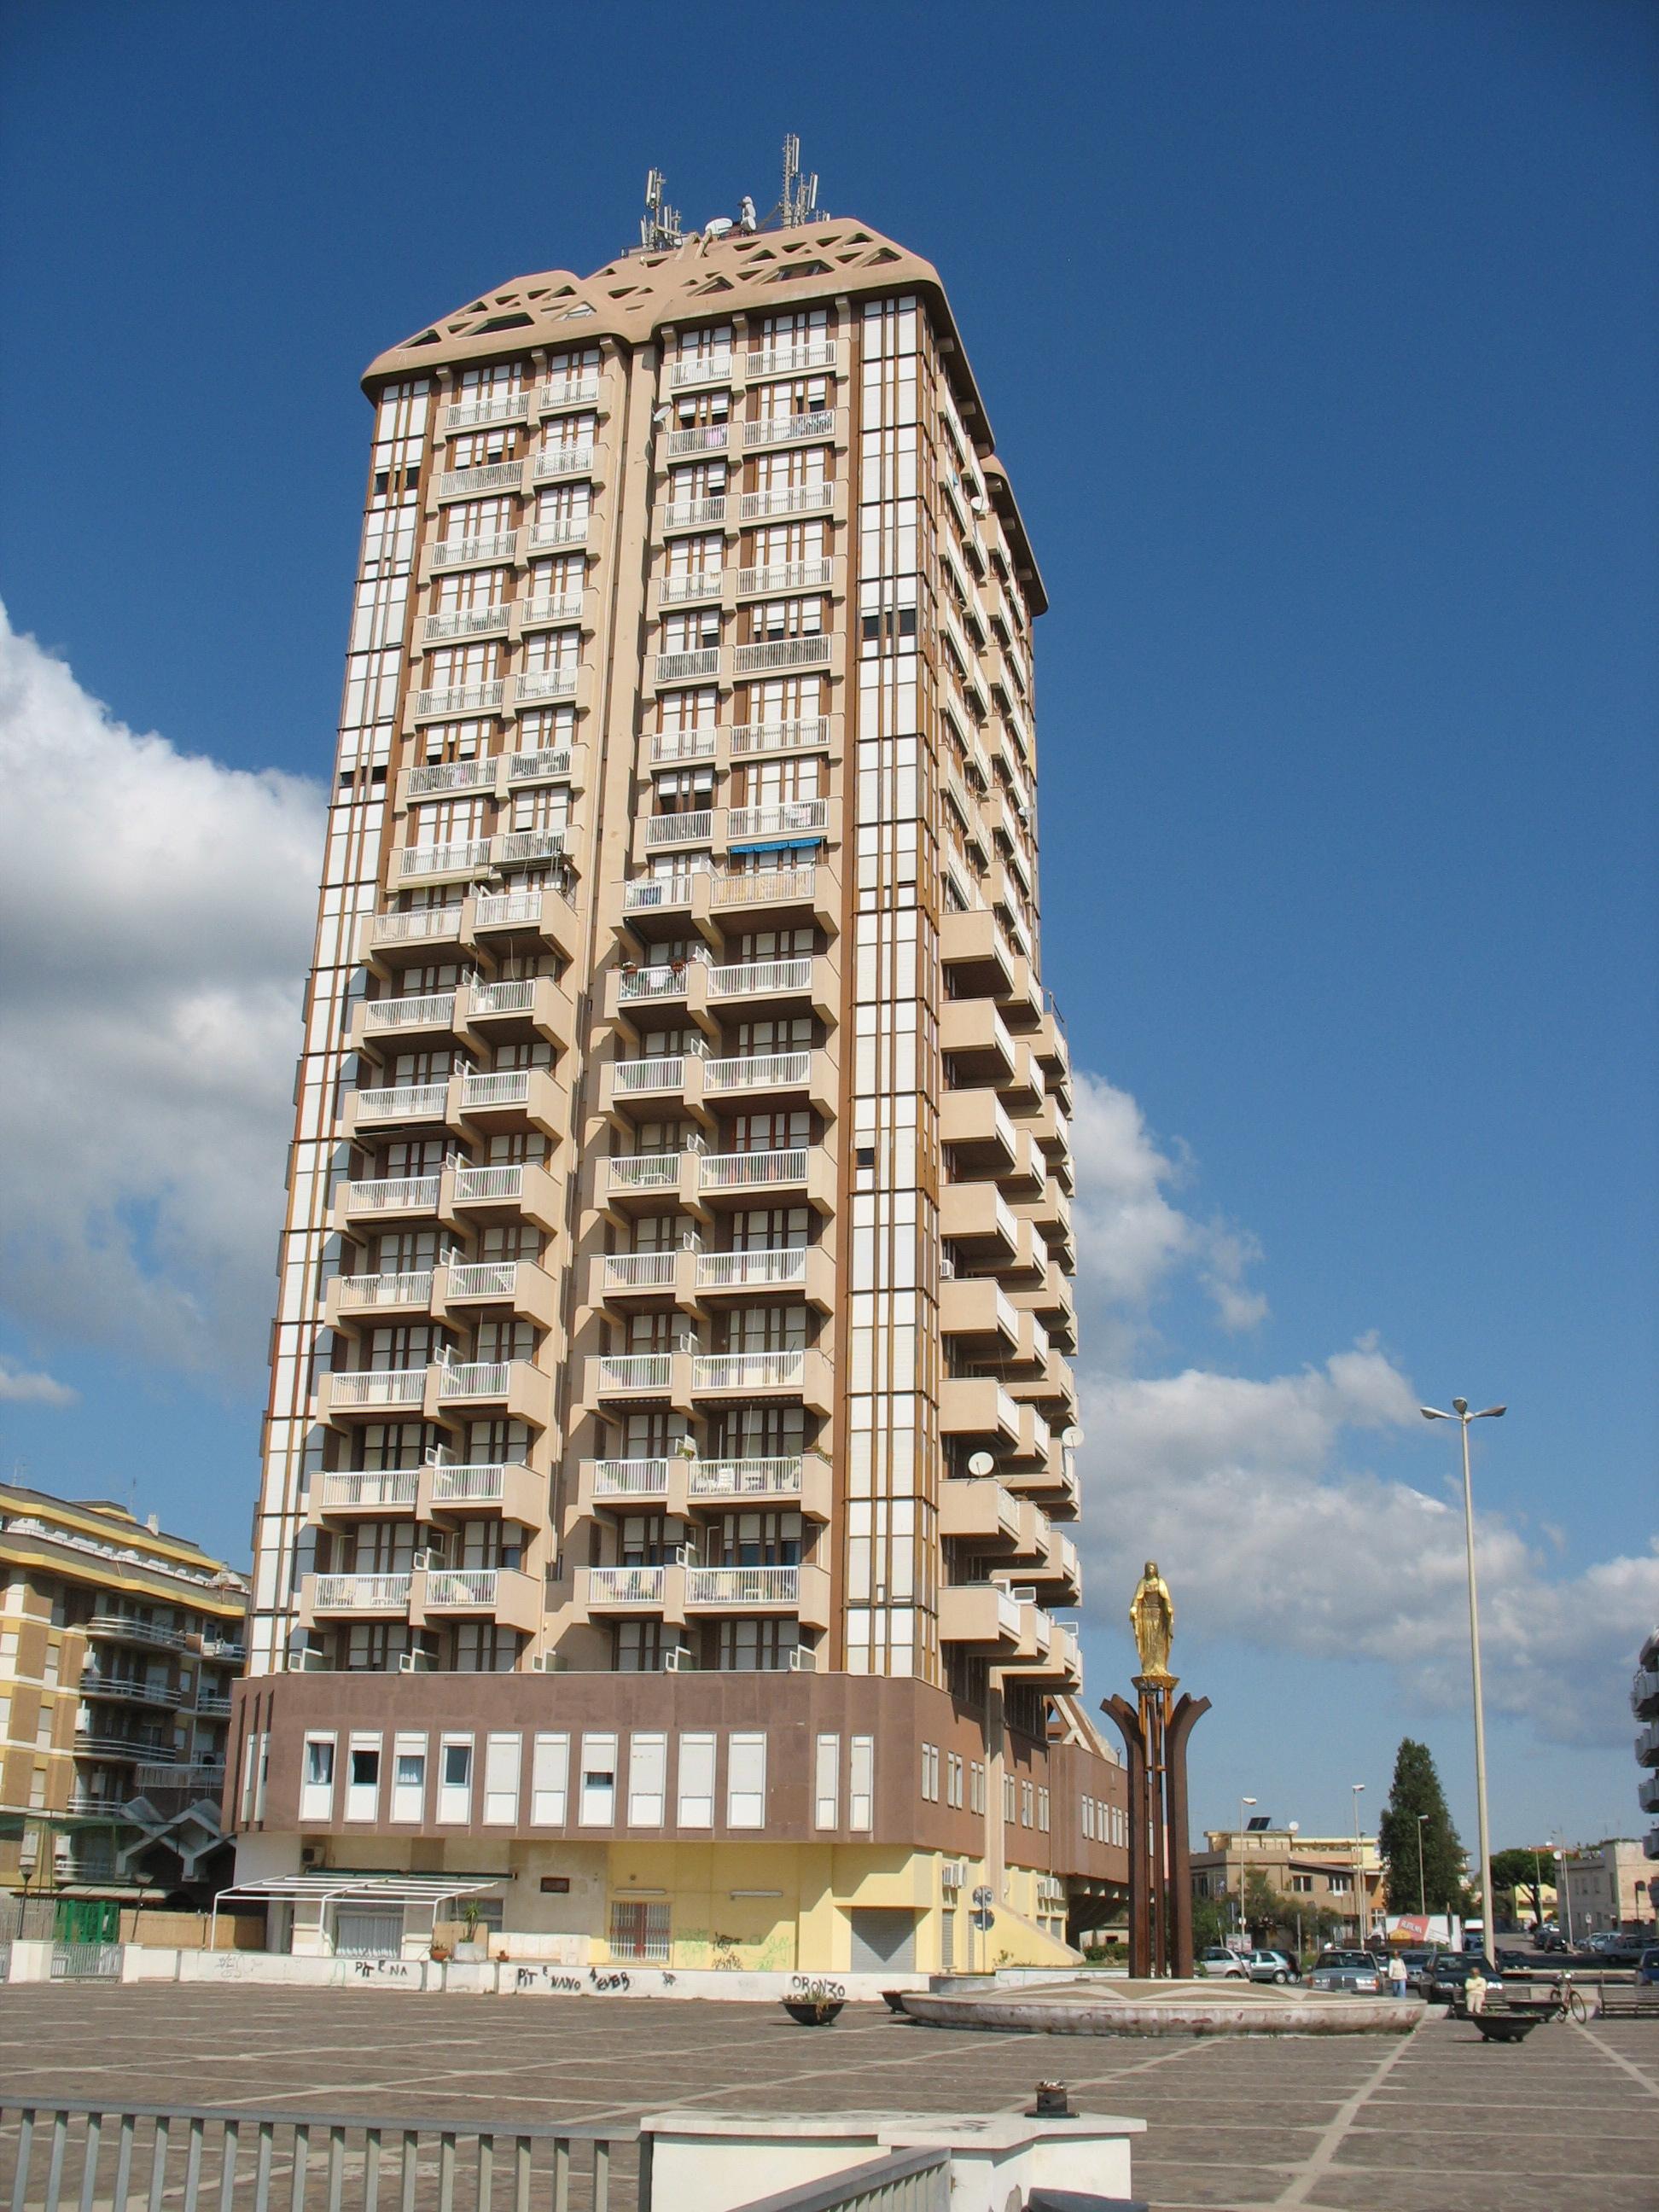 Il Grattacielo di Nettuno in Piazzale Michelangelo a Scacciapensieri